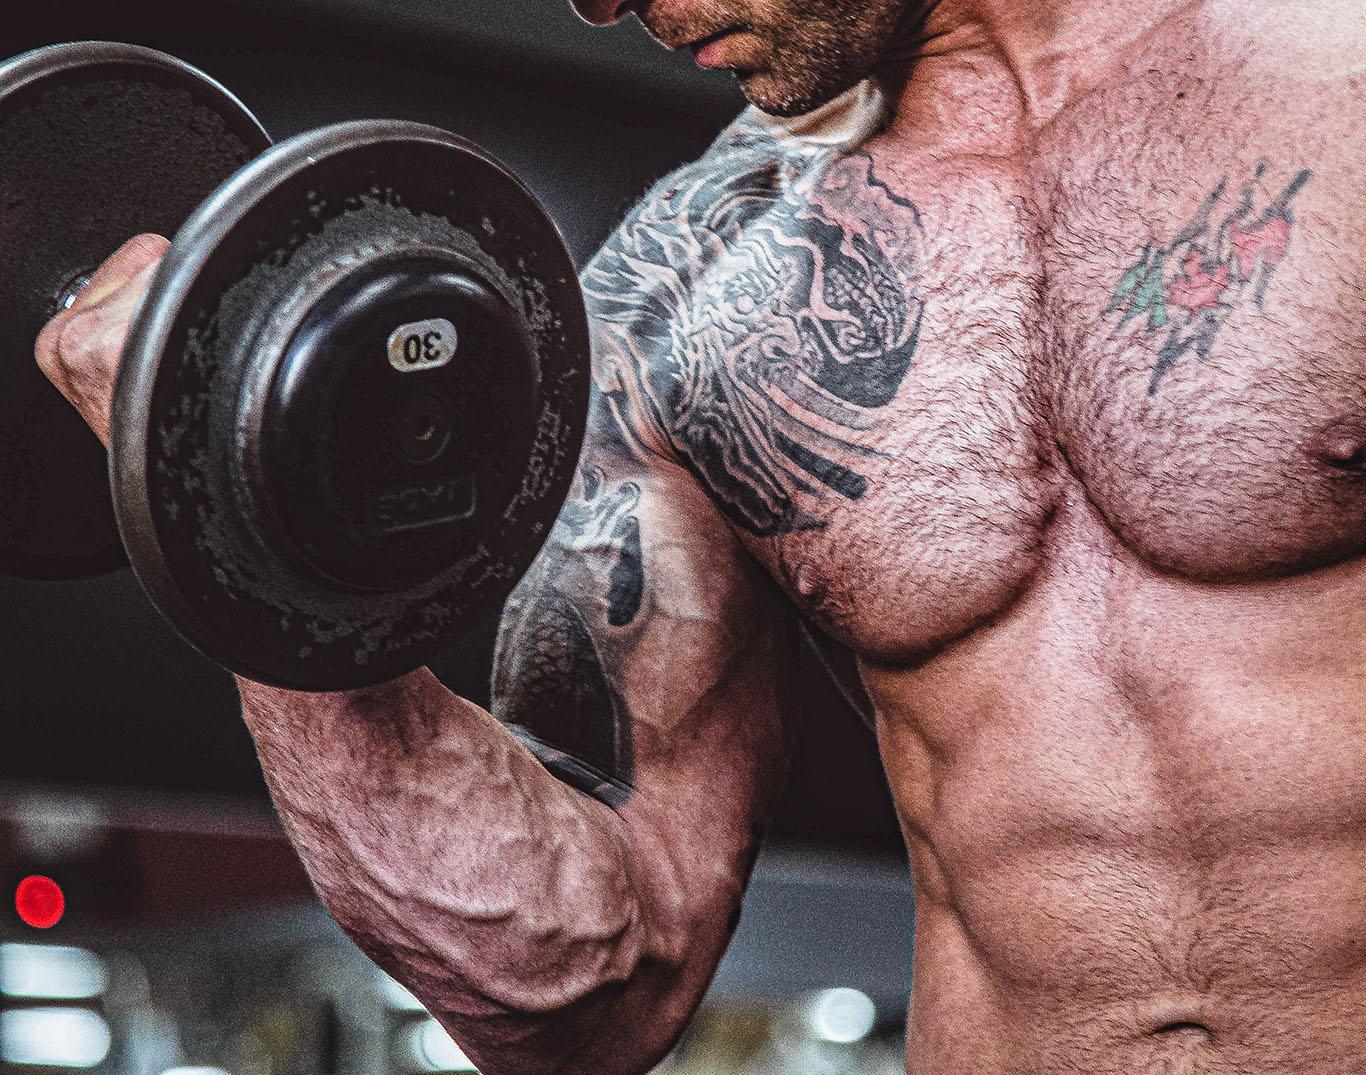 Sambandet mellan muskelmassa och styrka